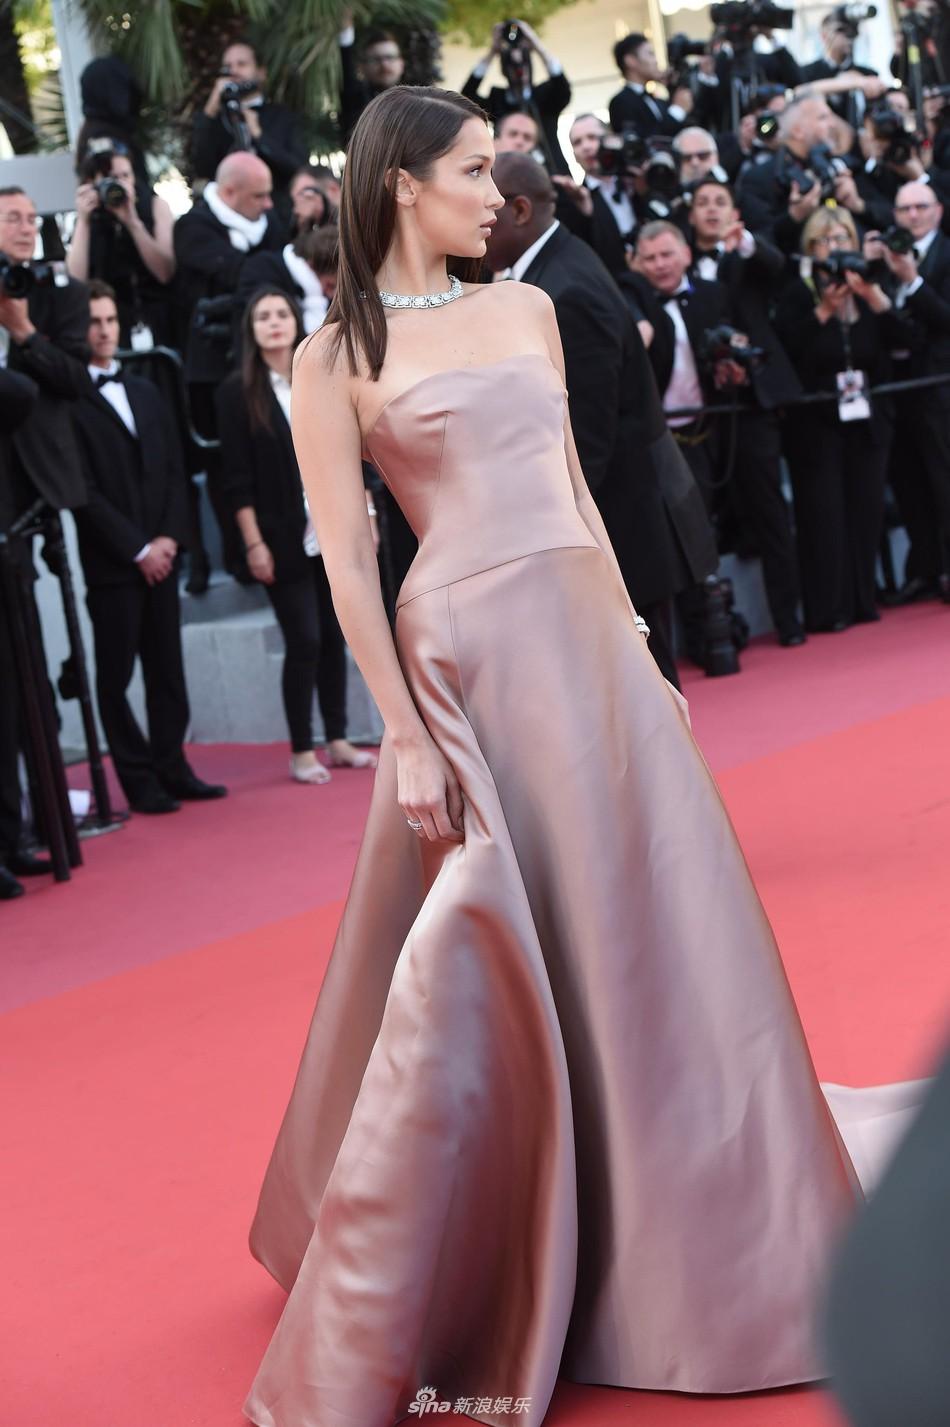 Thảm đỏ Cannes: Đây mới chính là nữ hoàng Phạm Băng Băng mà tất cả cùng mong chờ! - Ảnh 21.